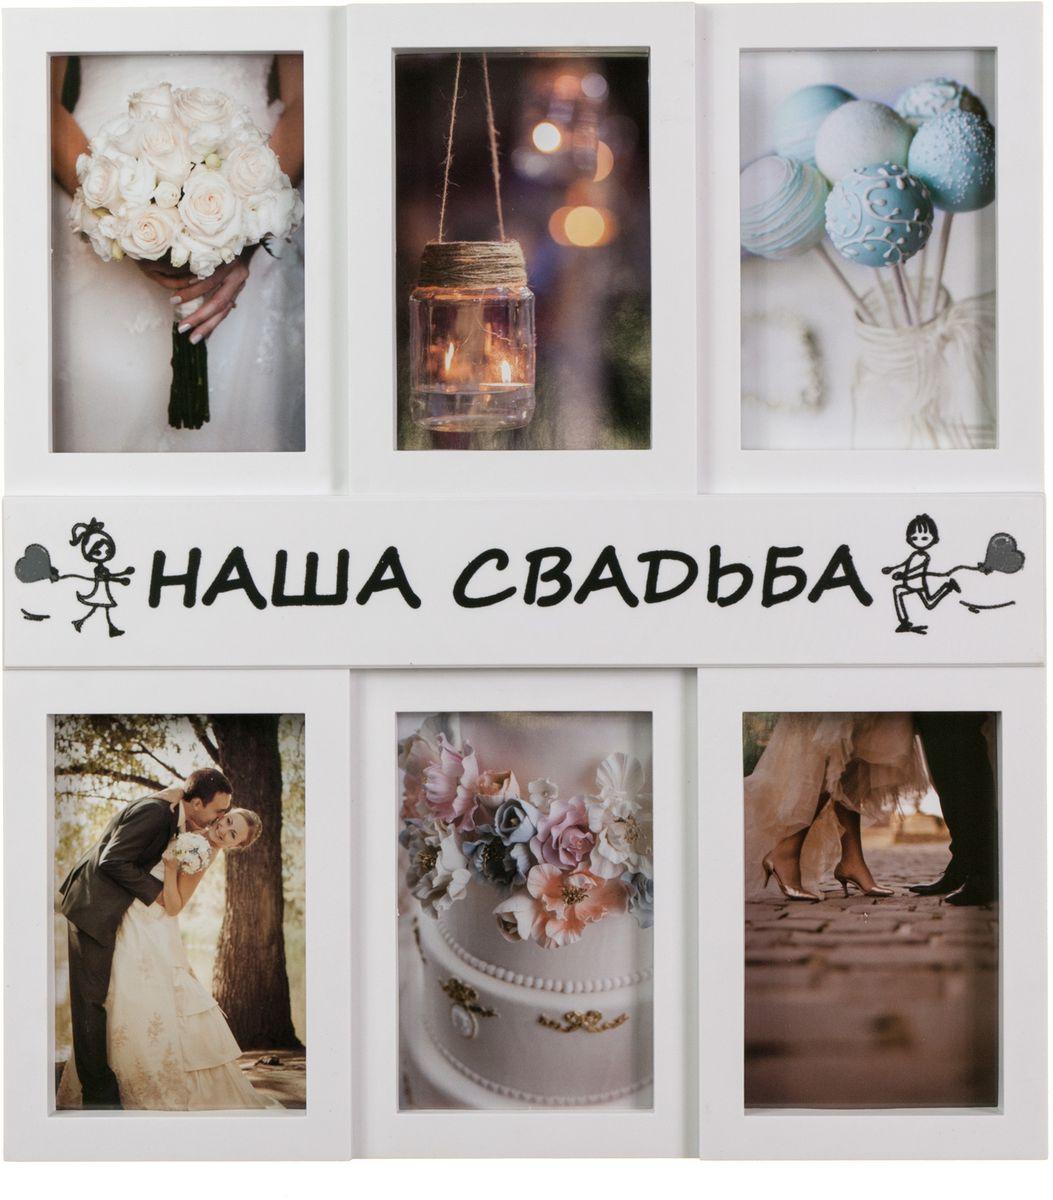 Фото - Фоторамка Platinum Наша свадьба, цвет: белый, на 6 фото, 10 х 15 см. BG-2522 фоторамка thz 6 152x102mm thz pmma pf6